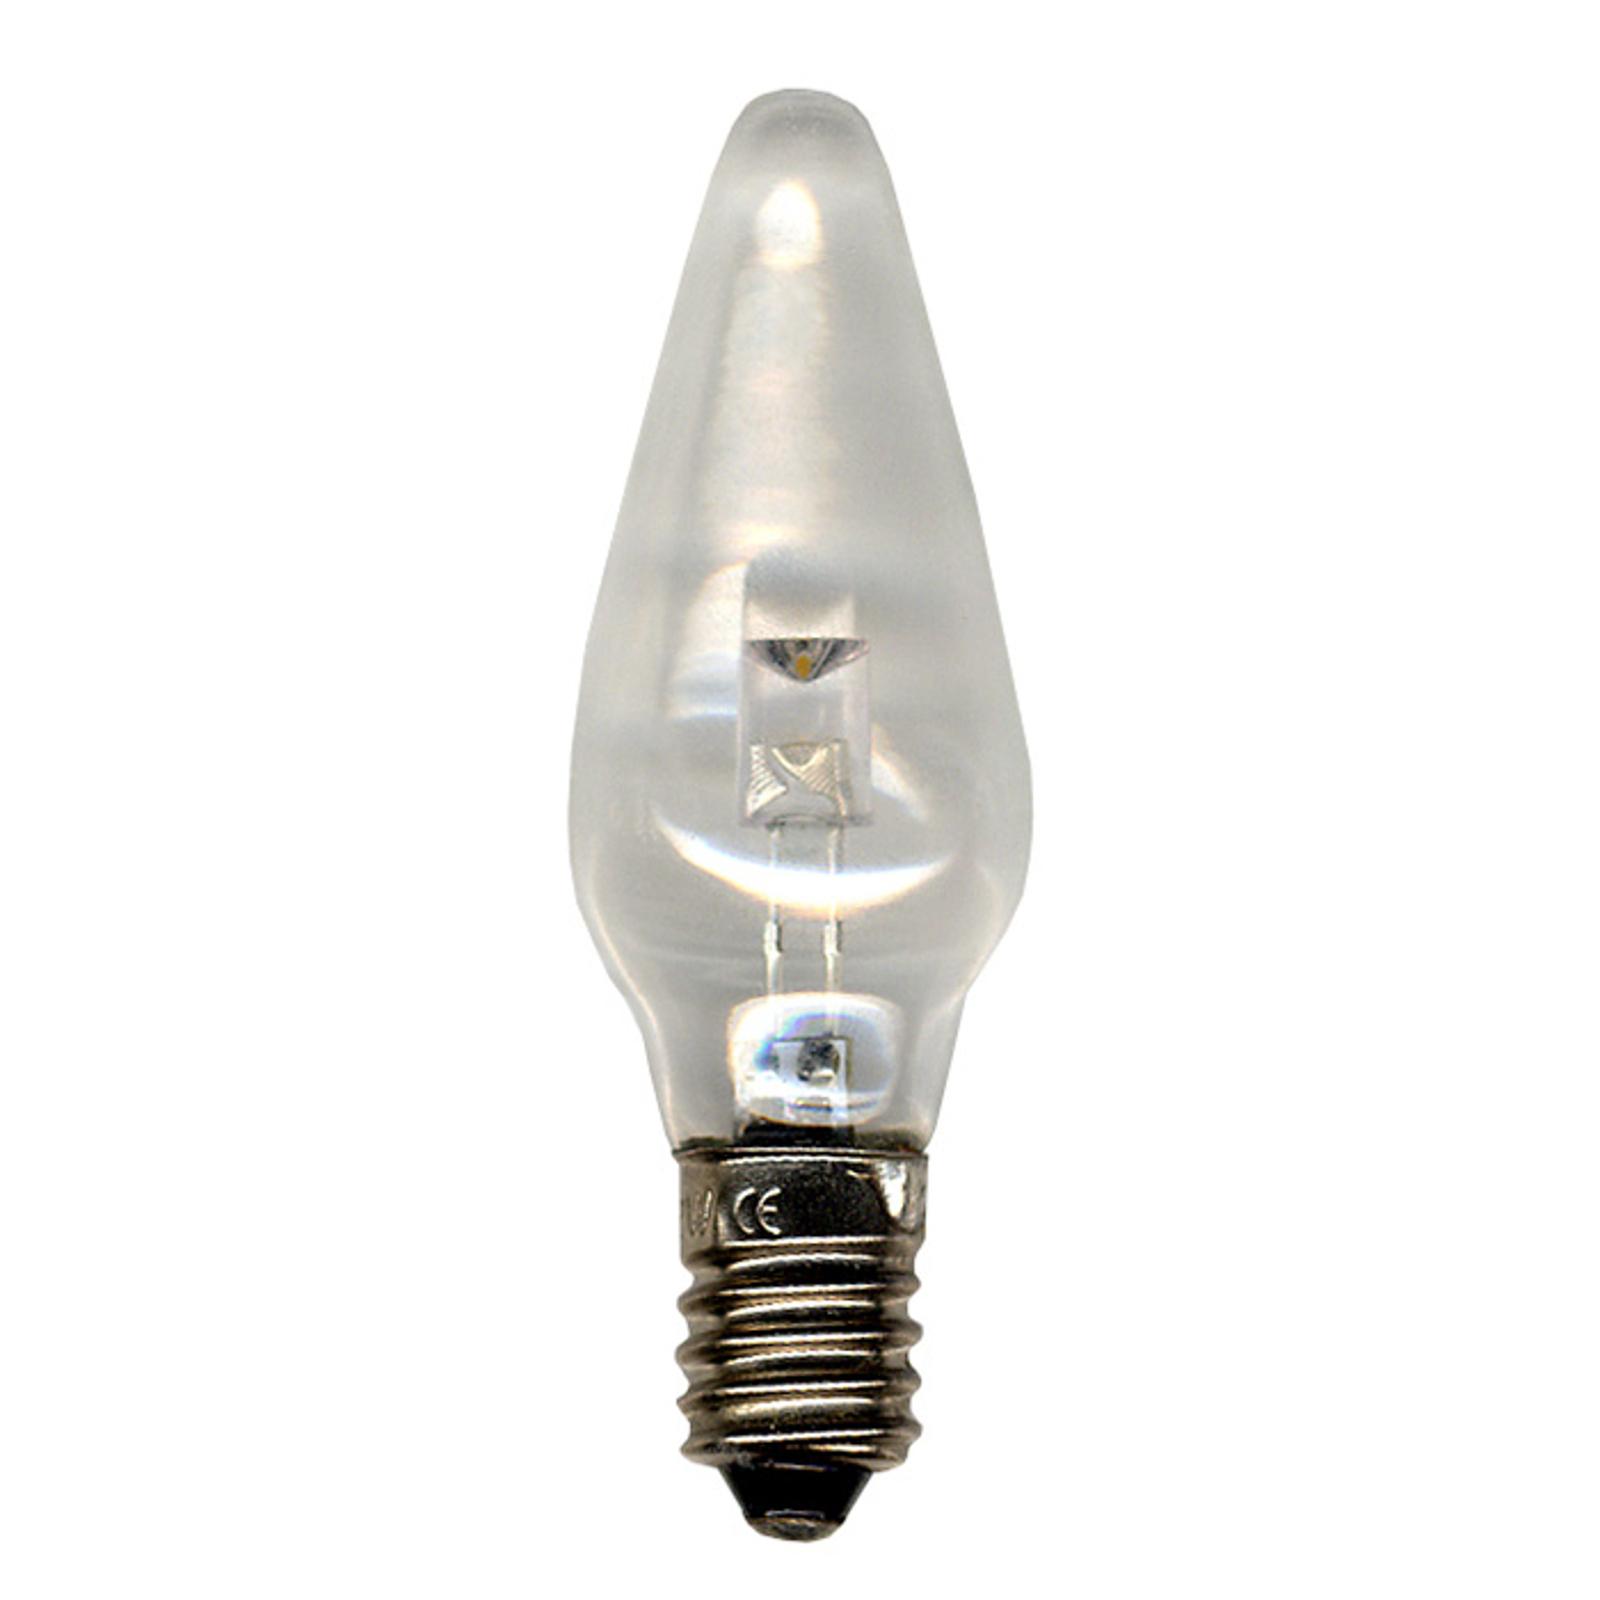 E10 0,2W 12V diody zapasowe 3 szt., białe